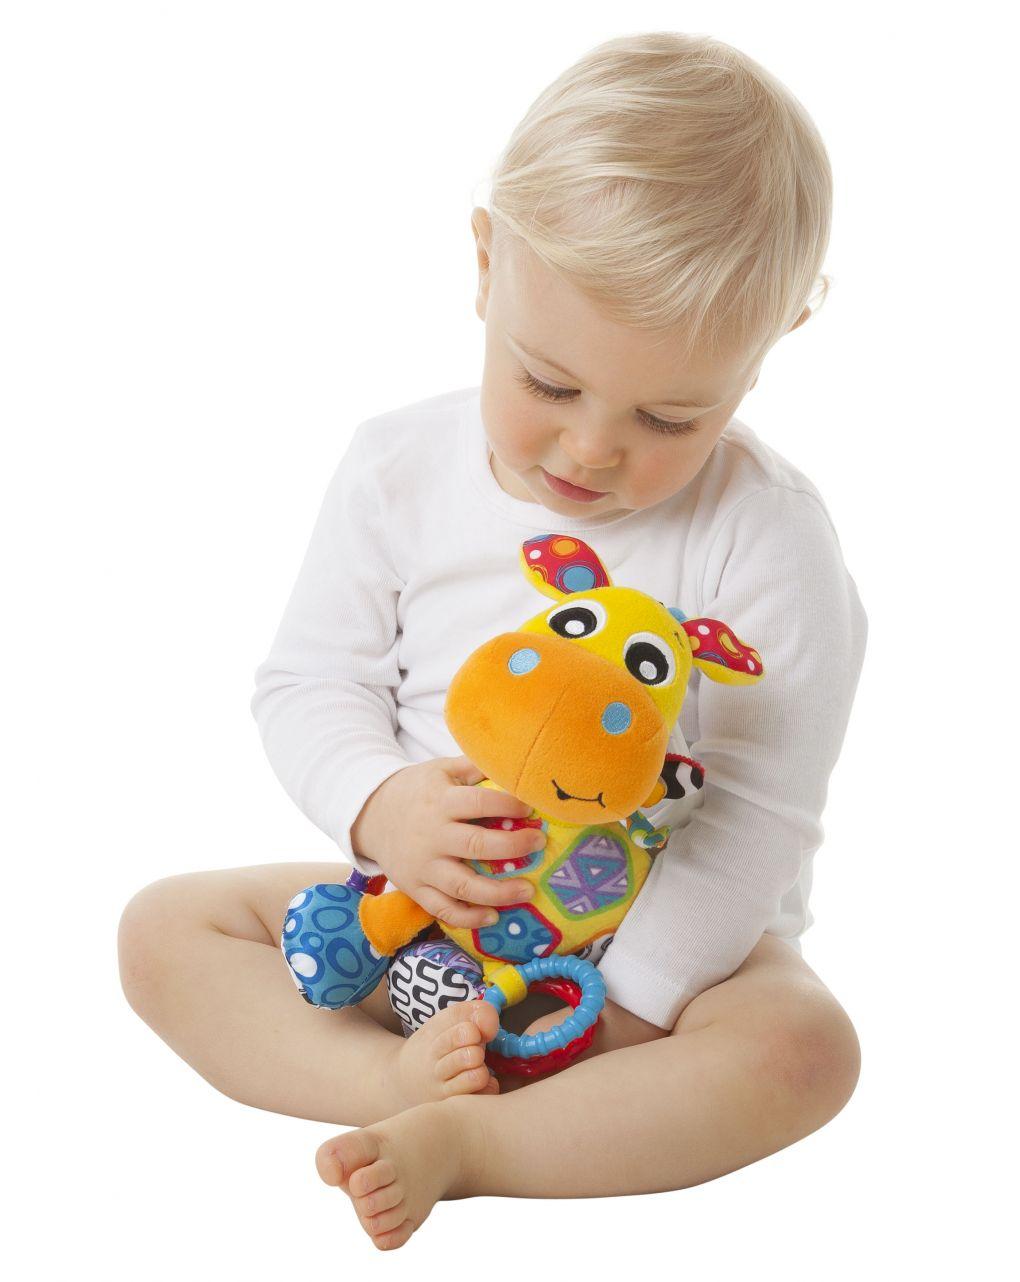 Playgro - activity friend jerry giraffe - Playgro